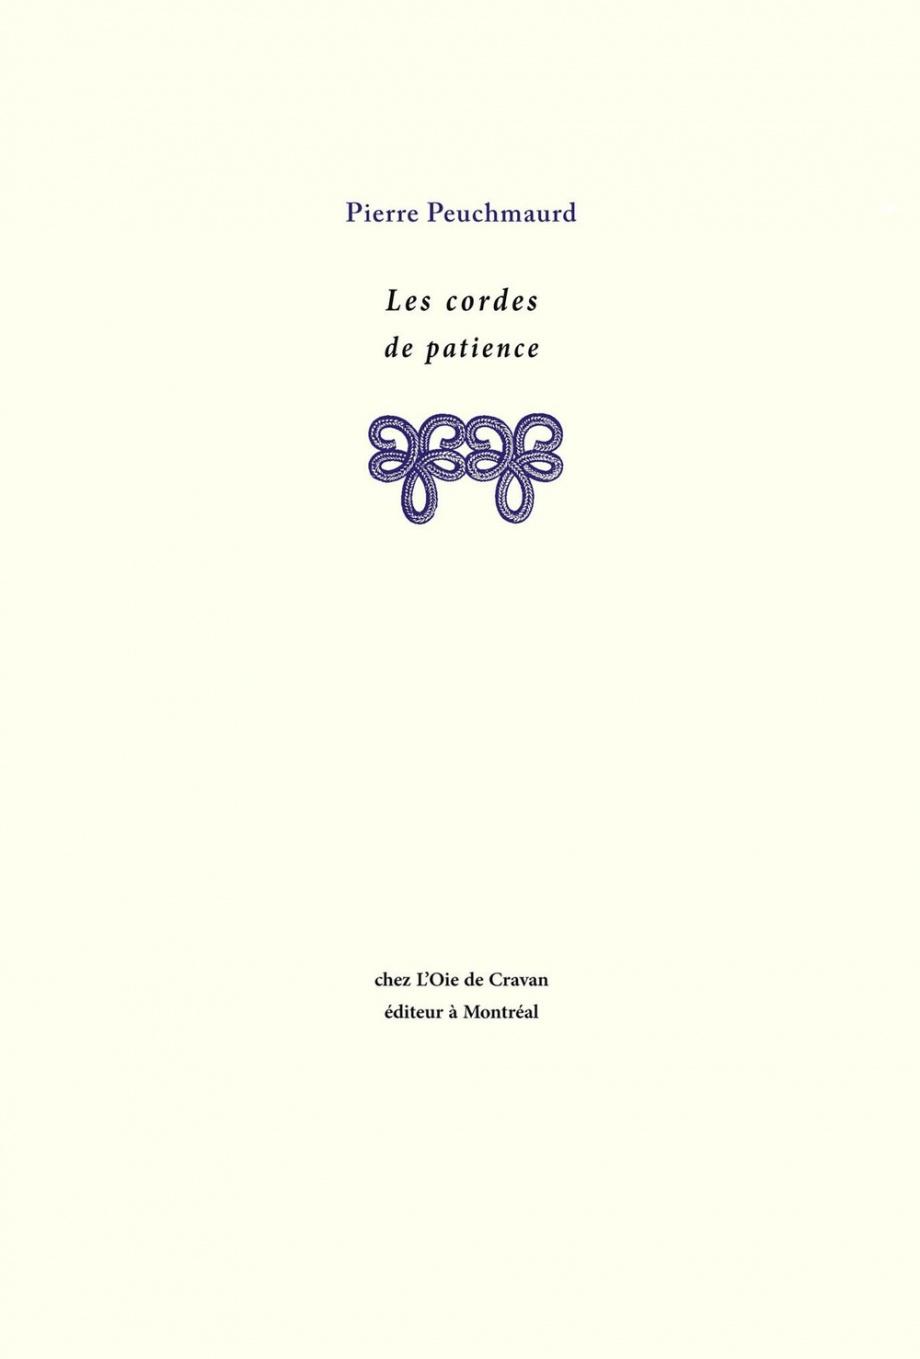 PIERRE PEUCHMAURD,LES CORDES DE PATIENCE, L'OIE DE CRAVAN, 2019